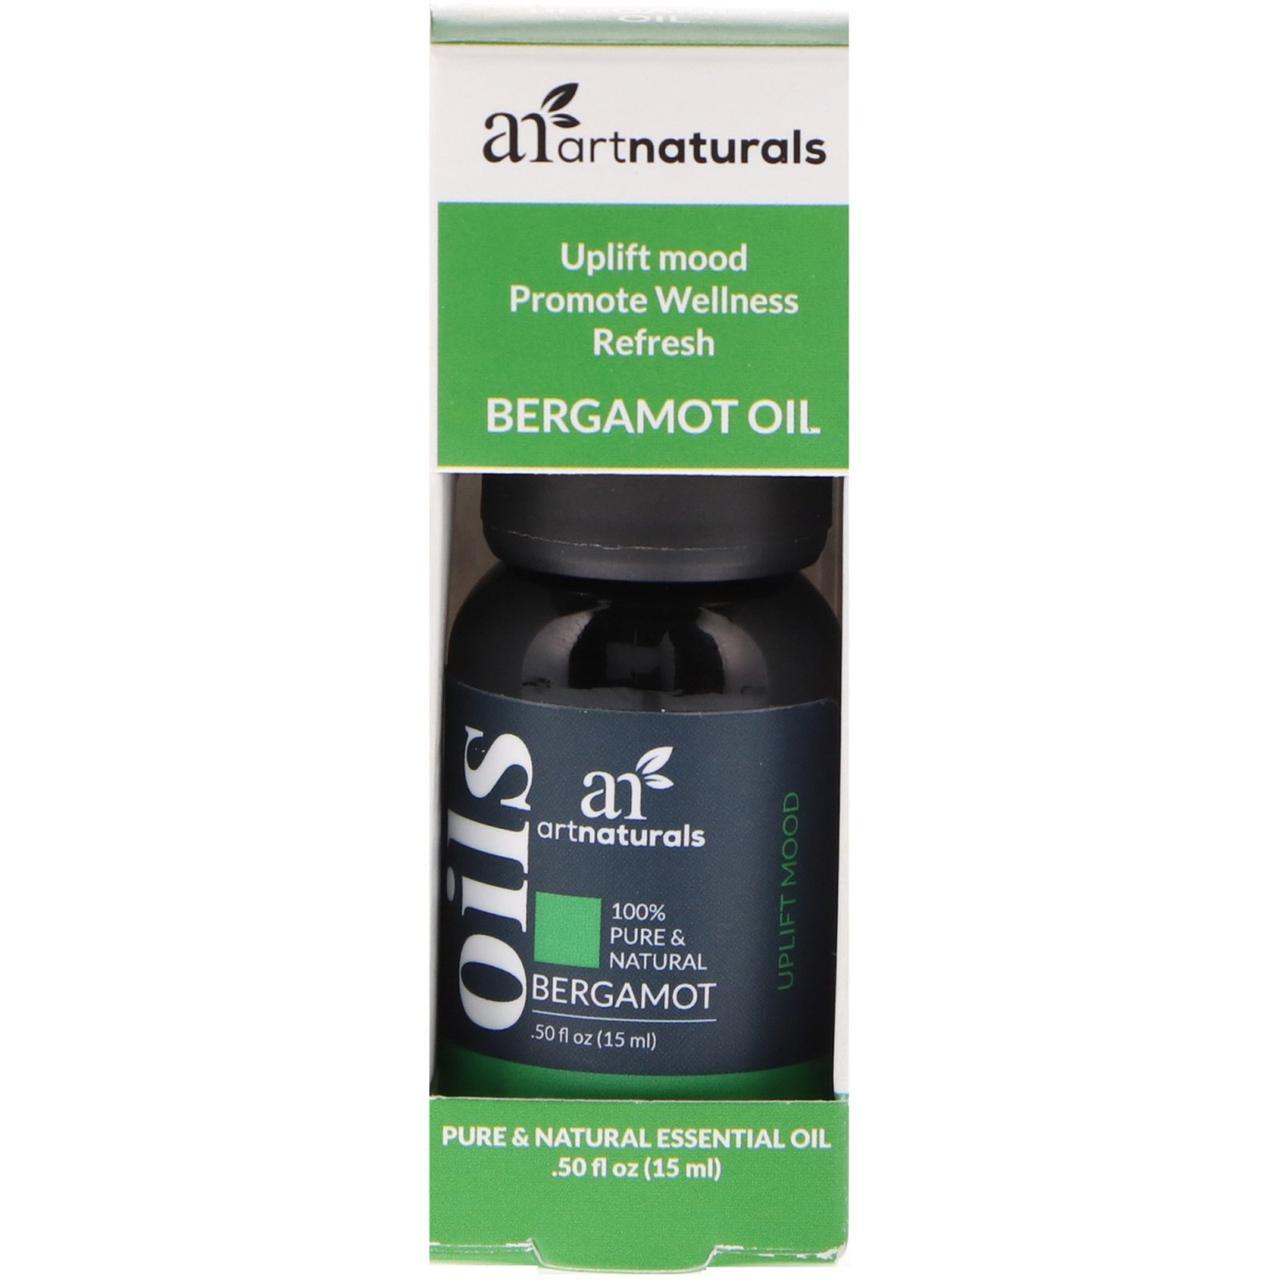 Artnaturals, Bergamot Oil, .50 fl oz (15 ml)